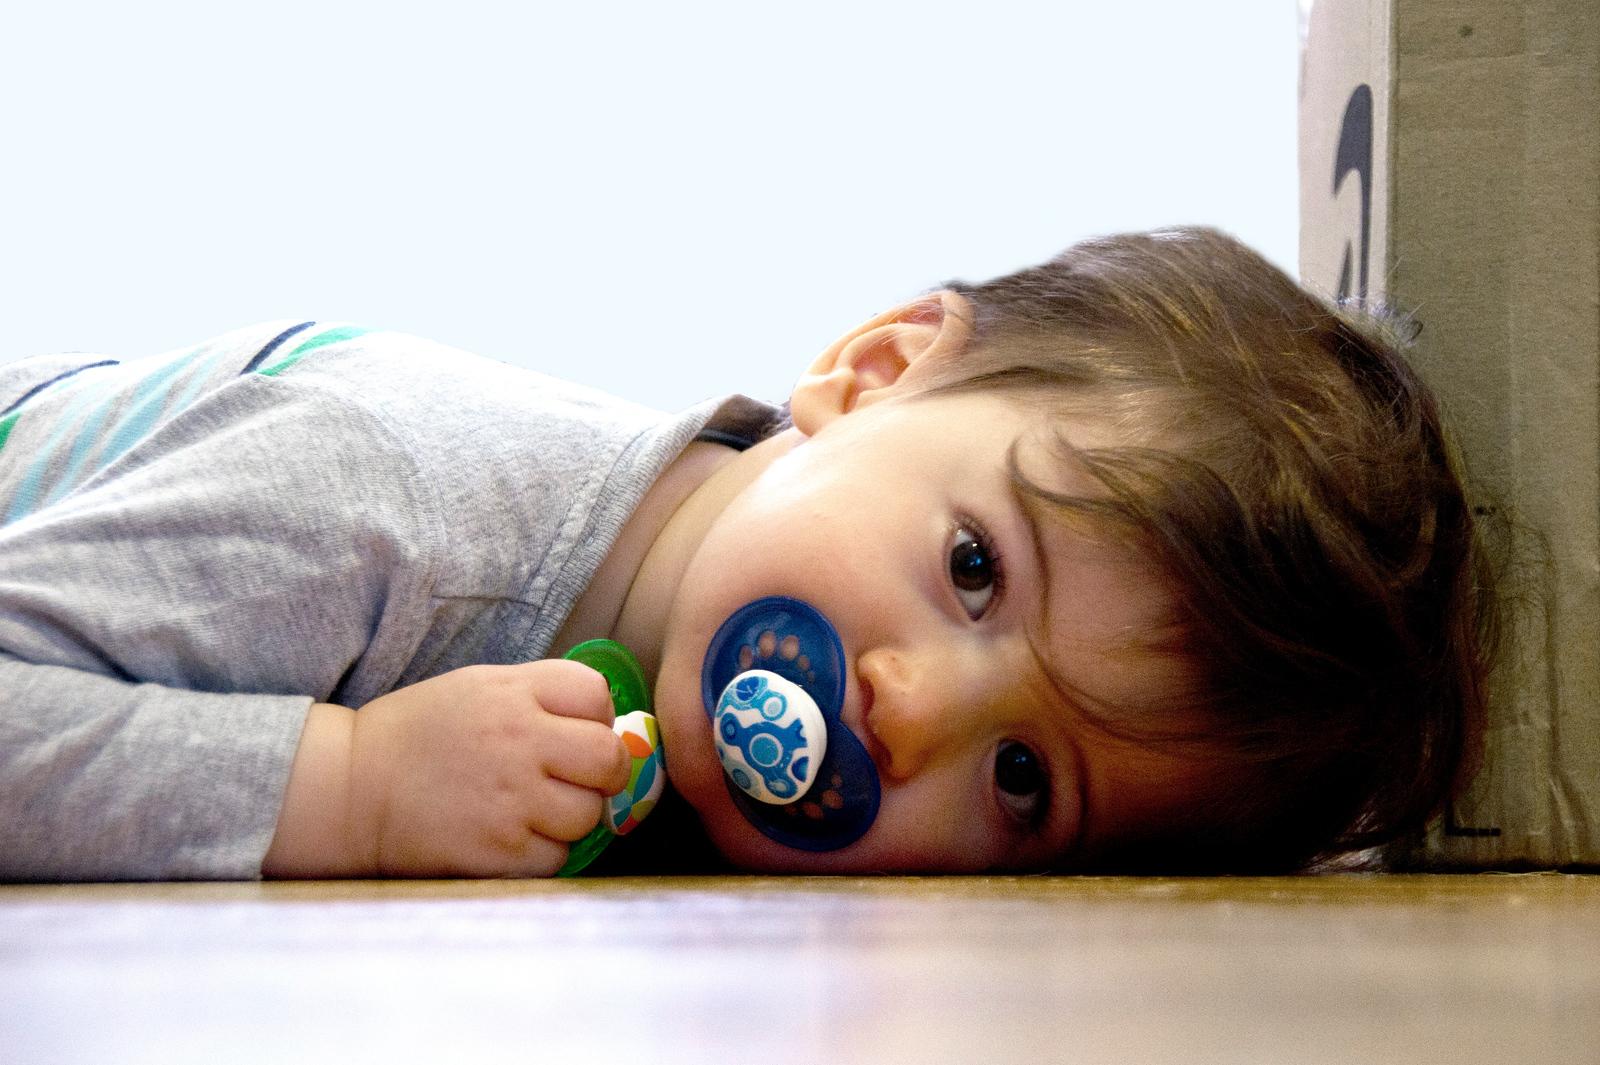 Isaac - 17 months - December 2011